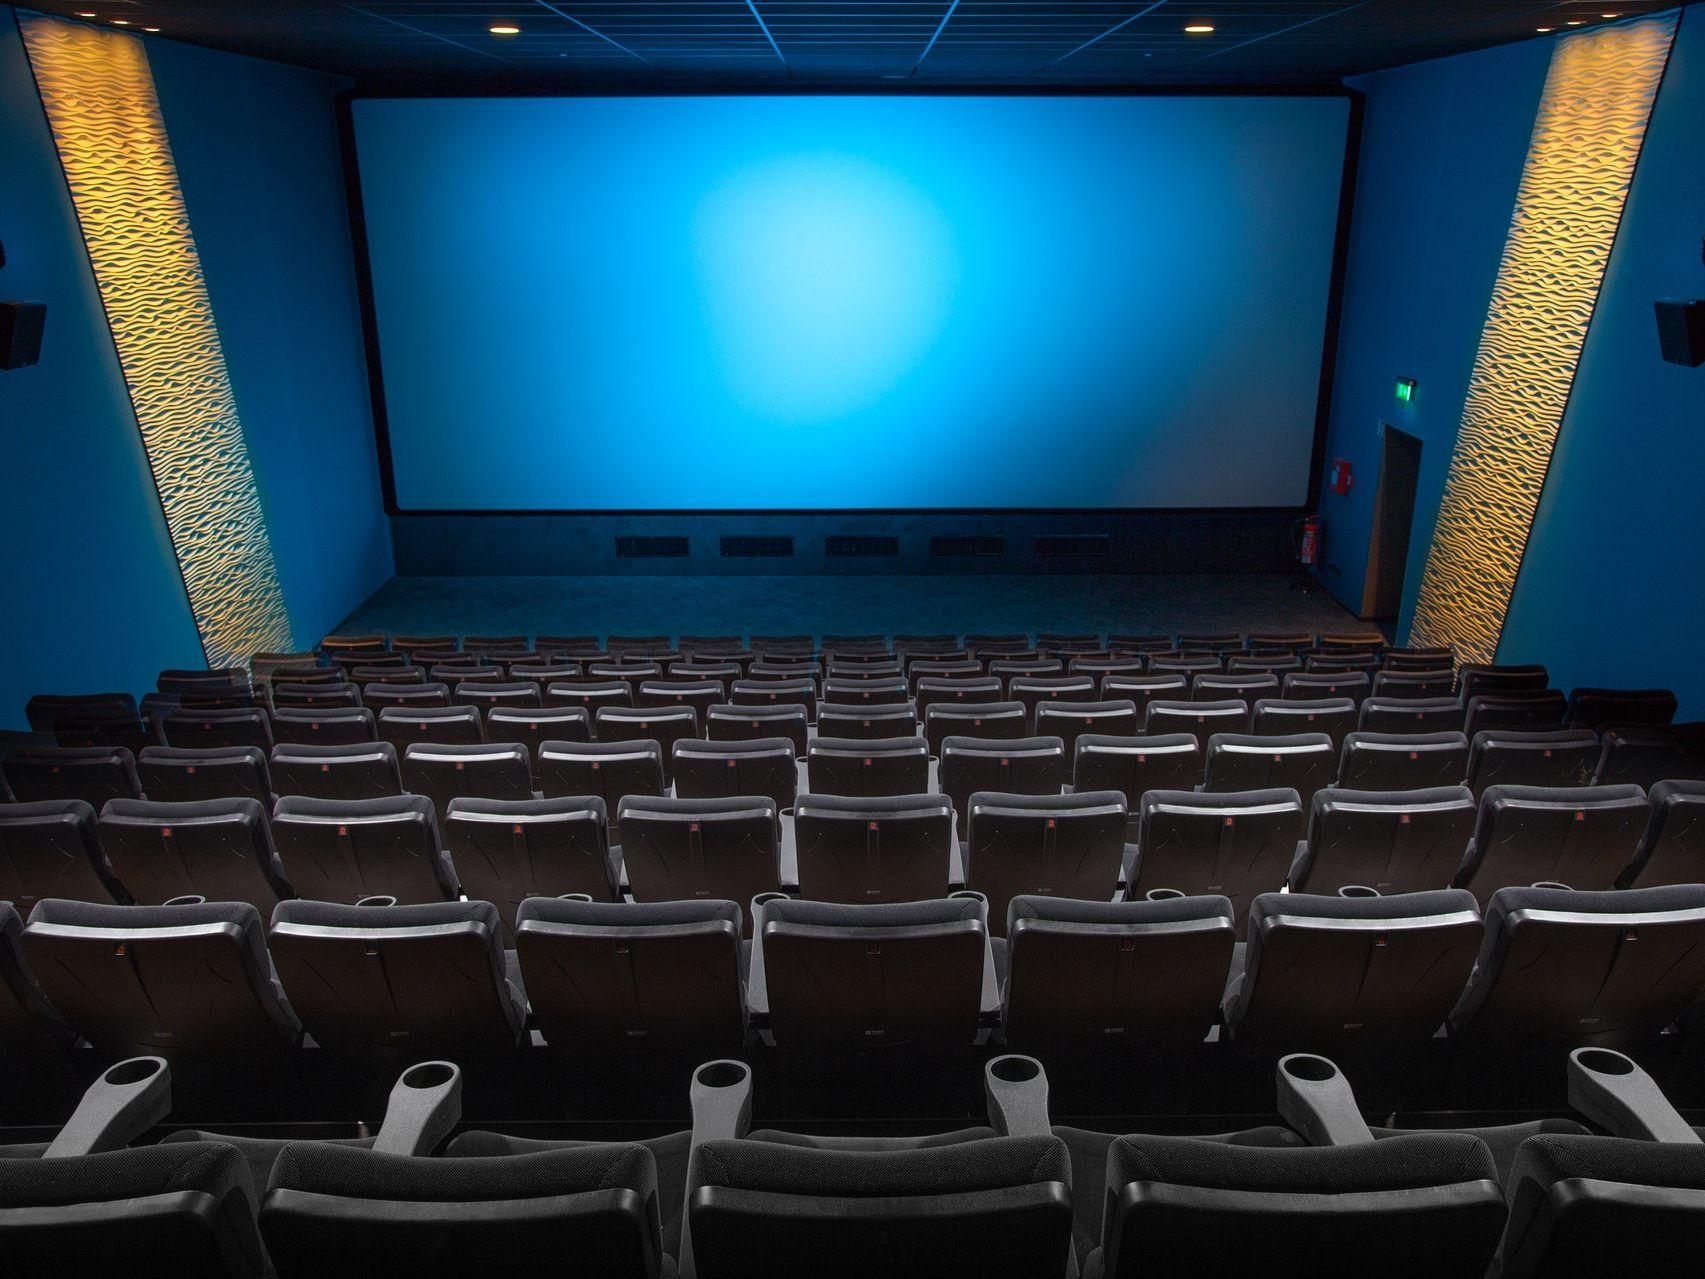 Uci Kinos In österreich übernahme Durch Cineplexx Kette